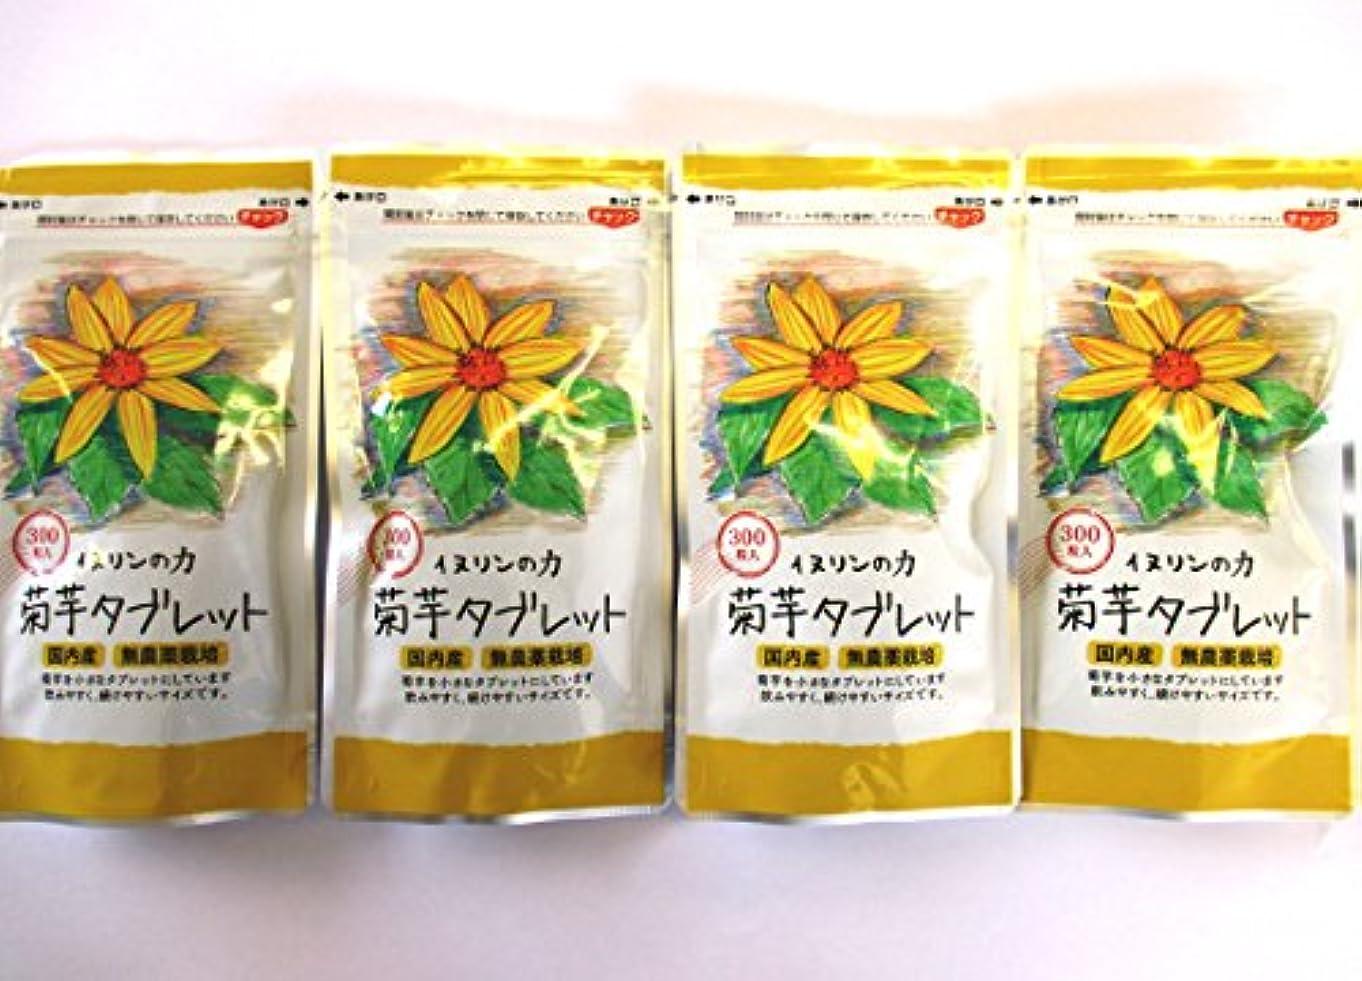 ハウジングバリケード息切れ菊芋タブレット 250mg×300粒 4個セット 内容量:300g ★4袋で生菊芋=2640g分相当です!